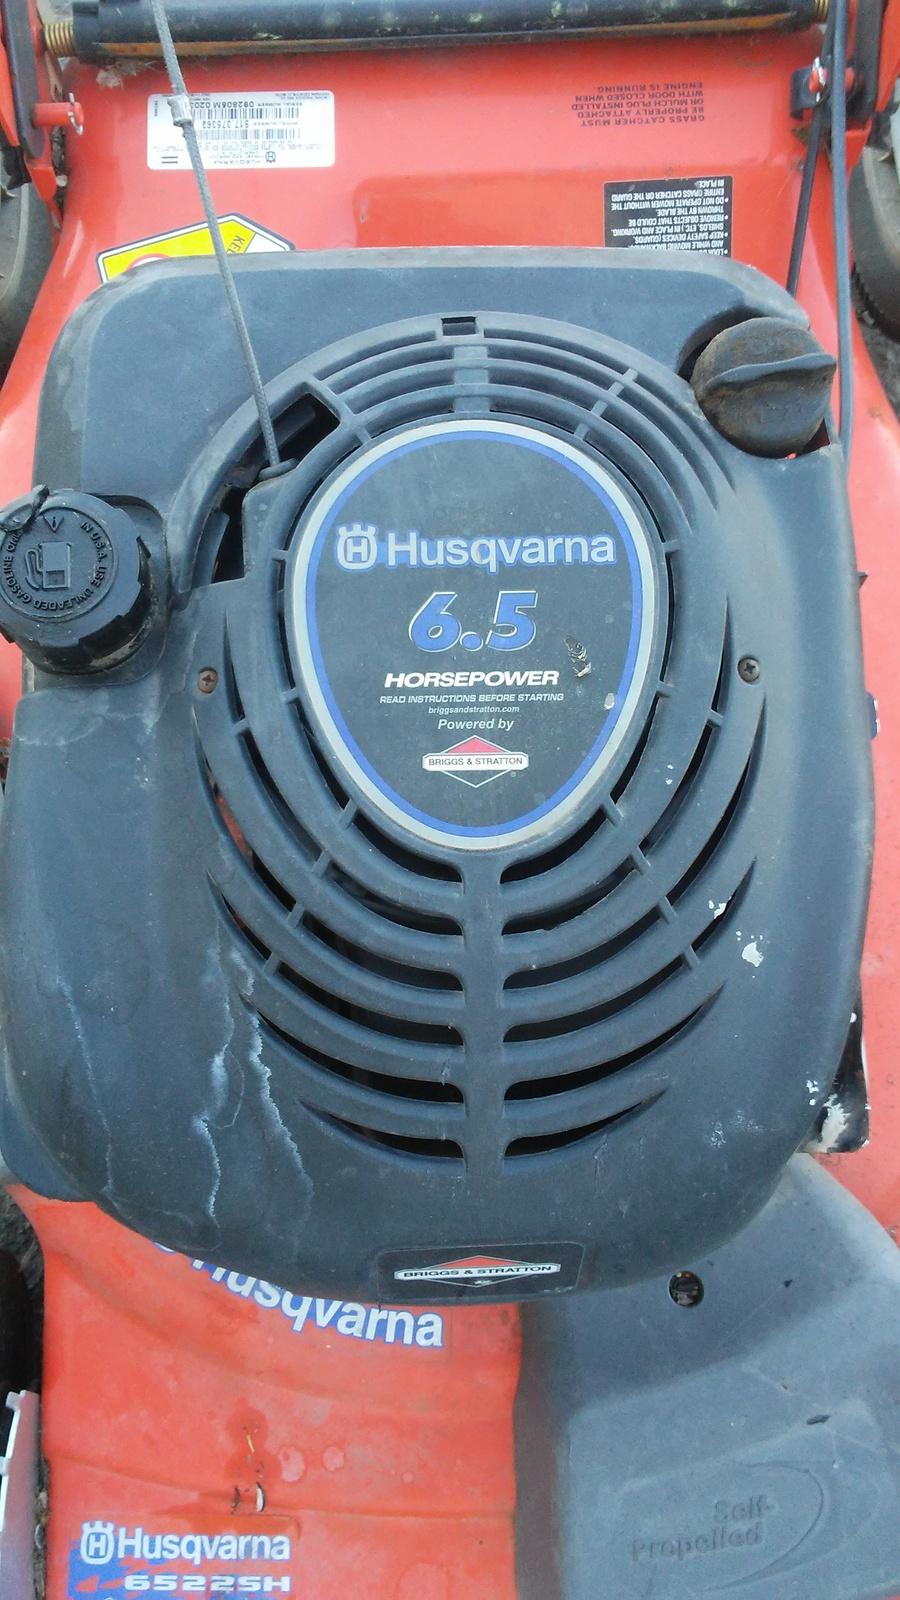 Husqvarna Lawn Mower Model 917.375363 Carburetor